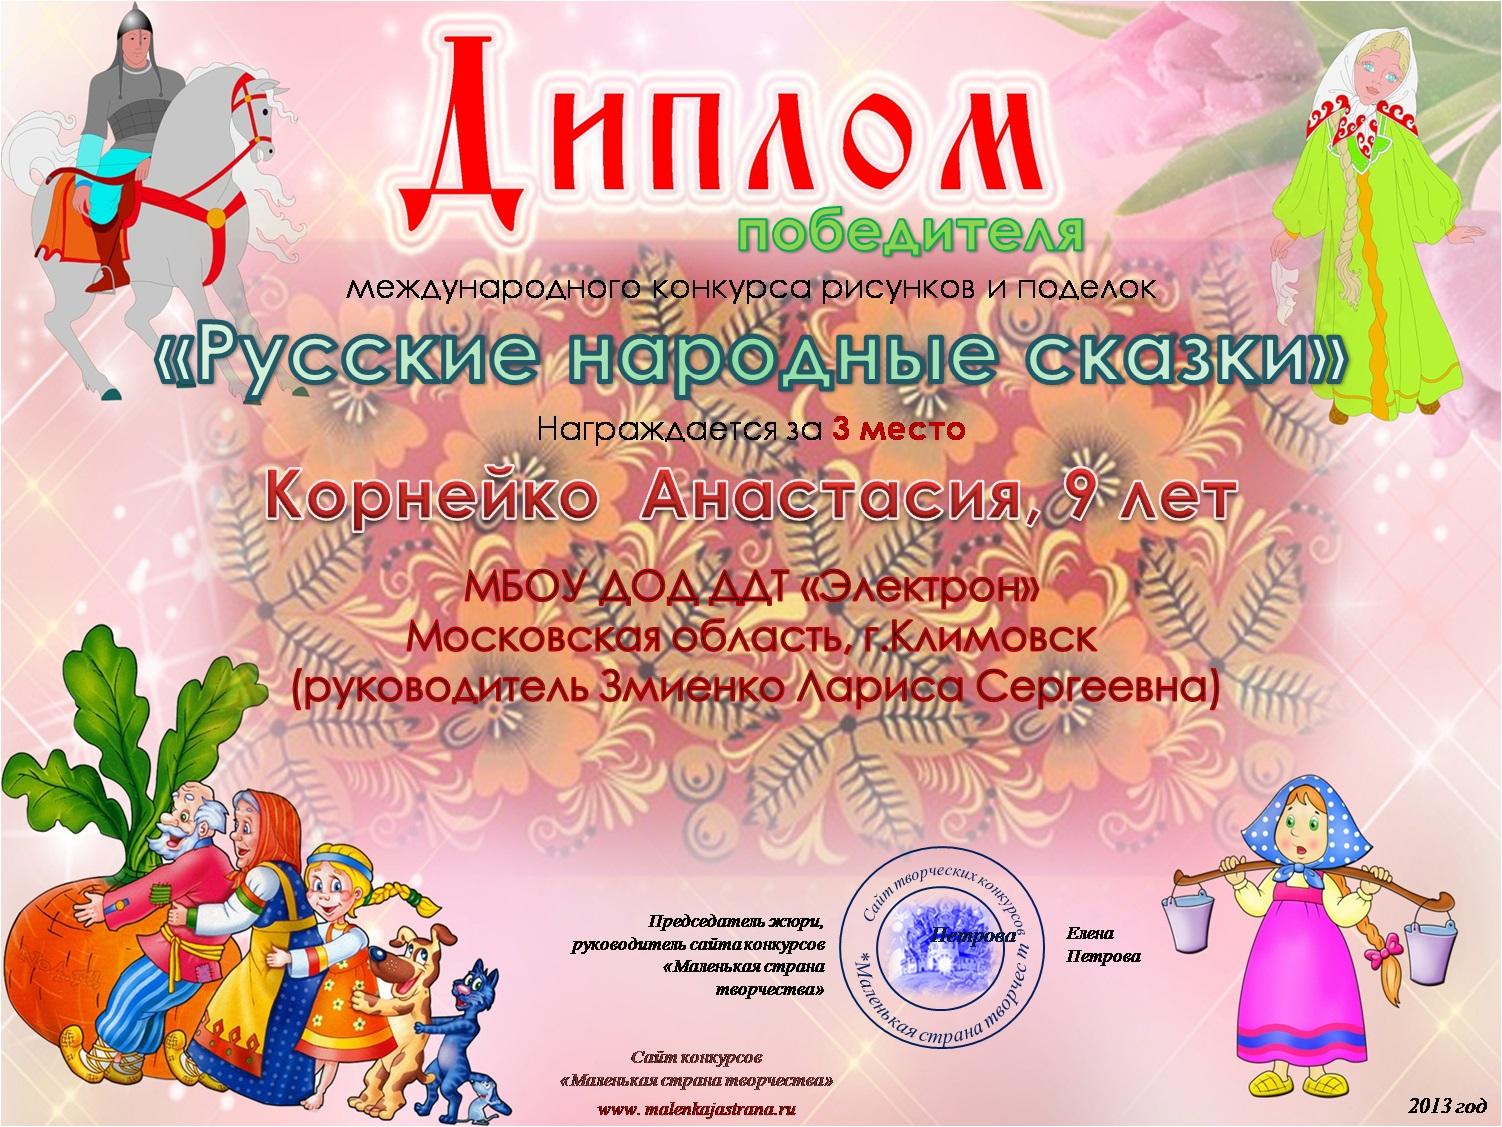 Для конкурса русские народные